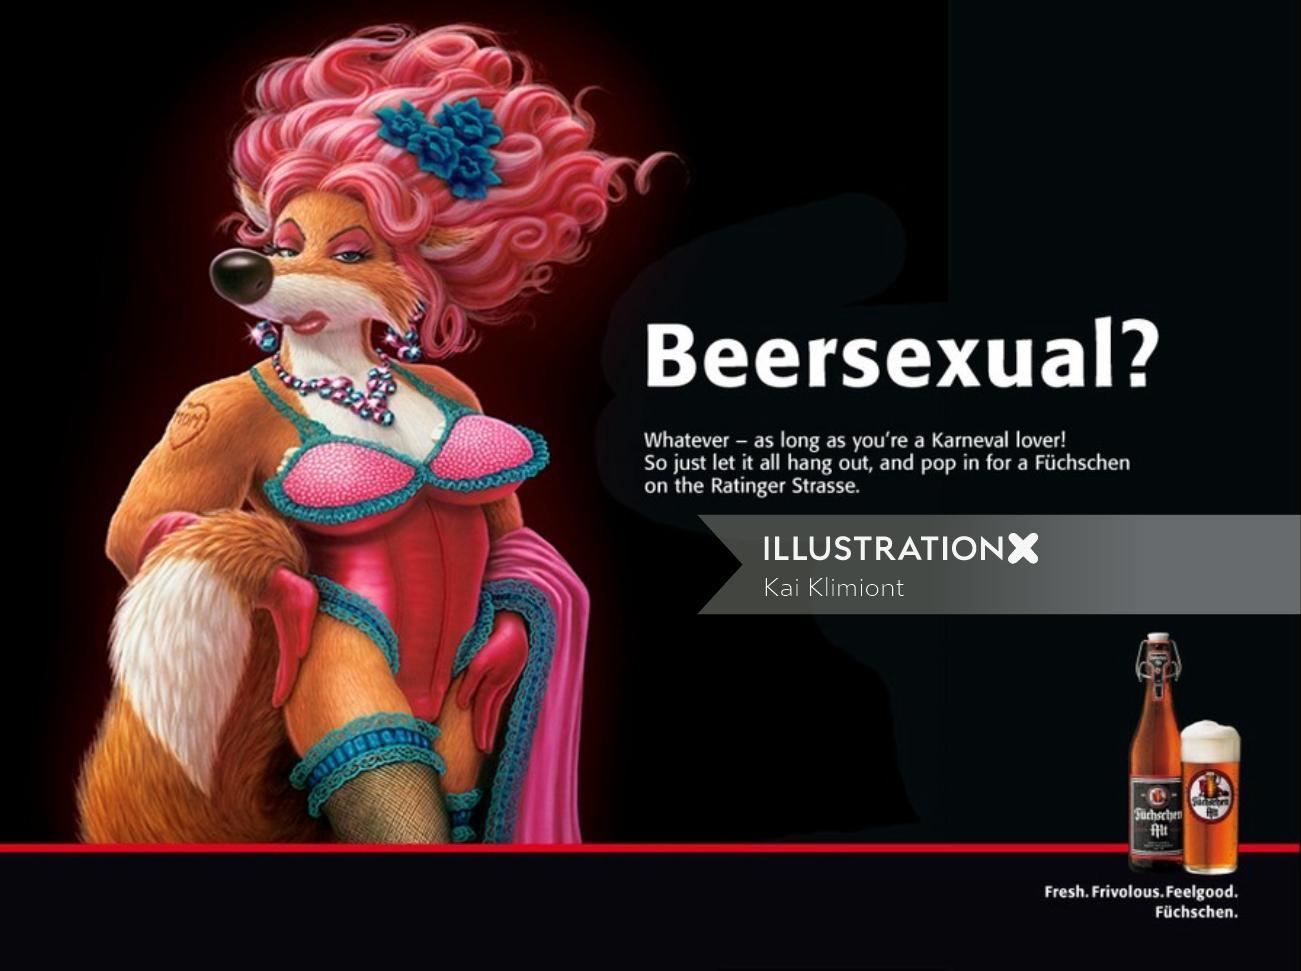 Cartoon & Humour beersexual